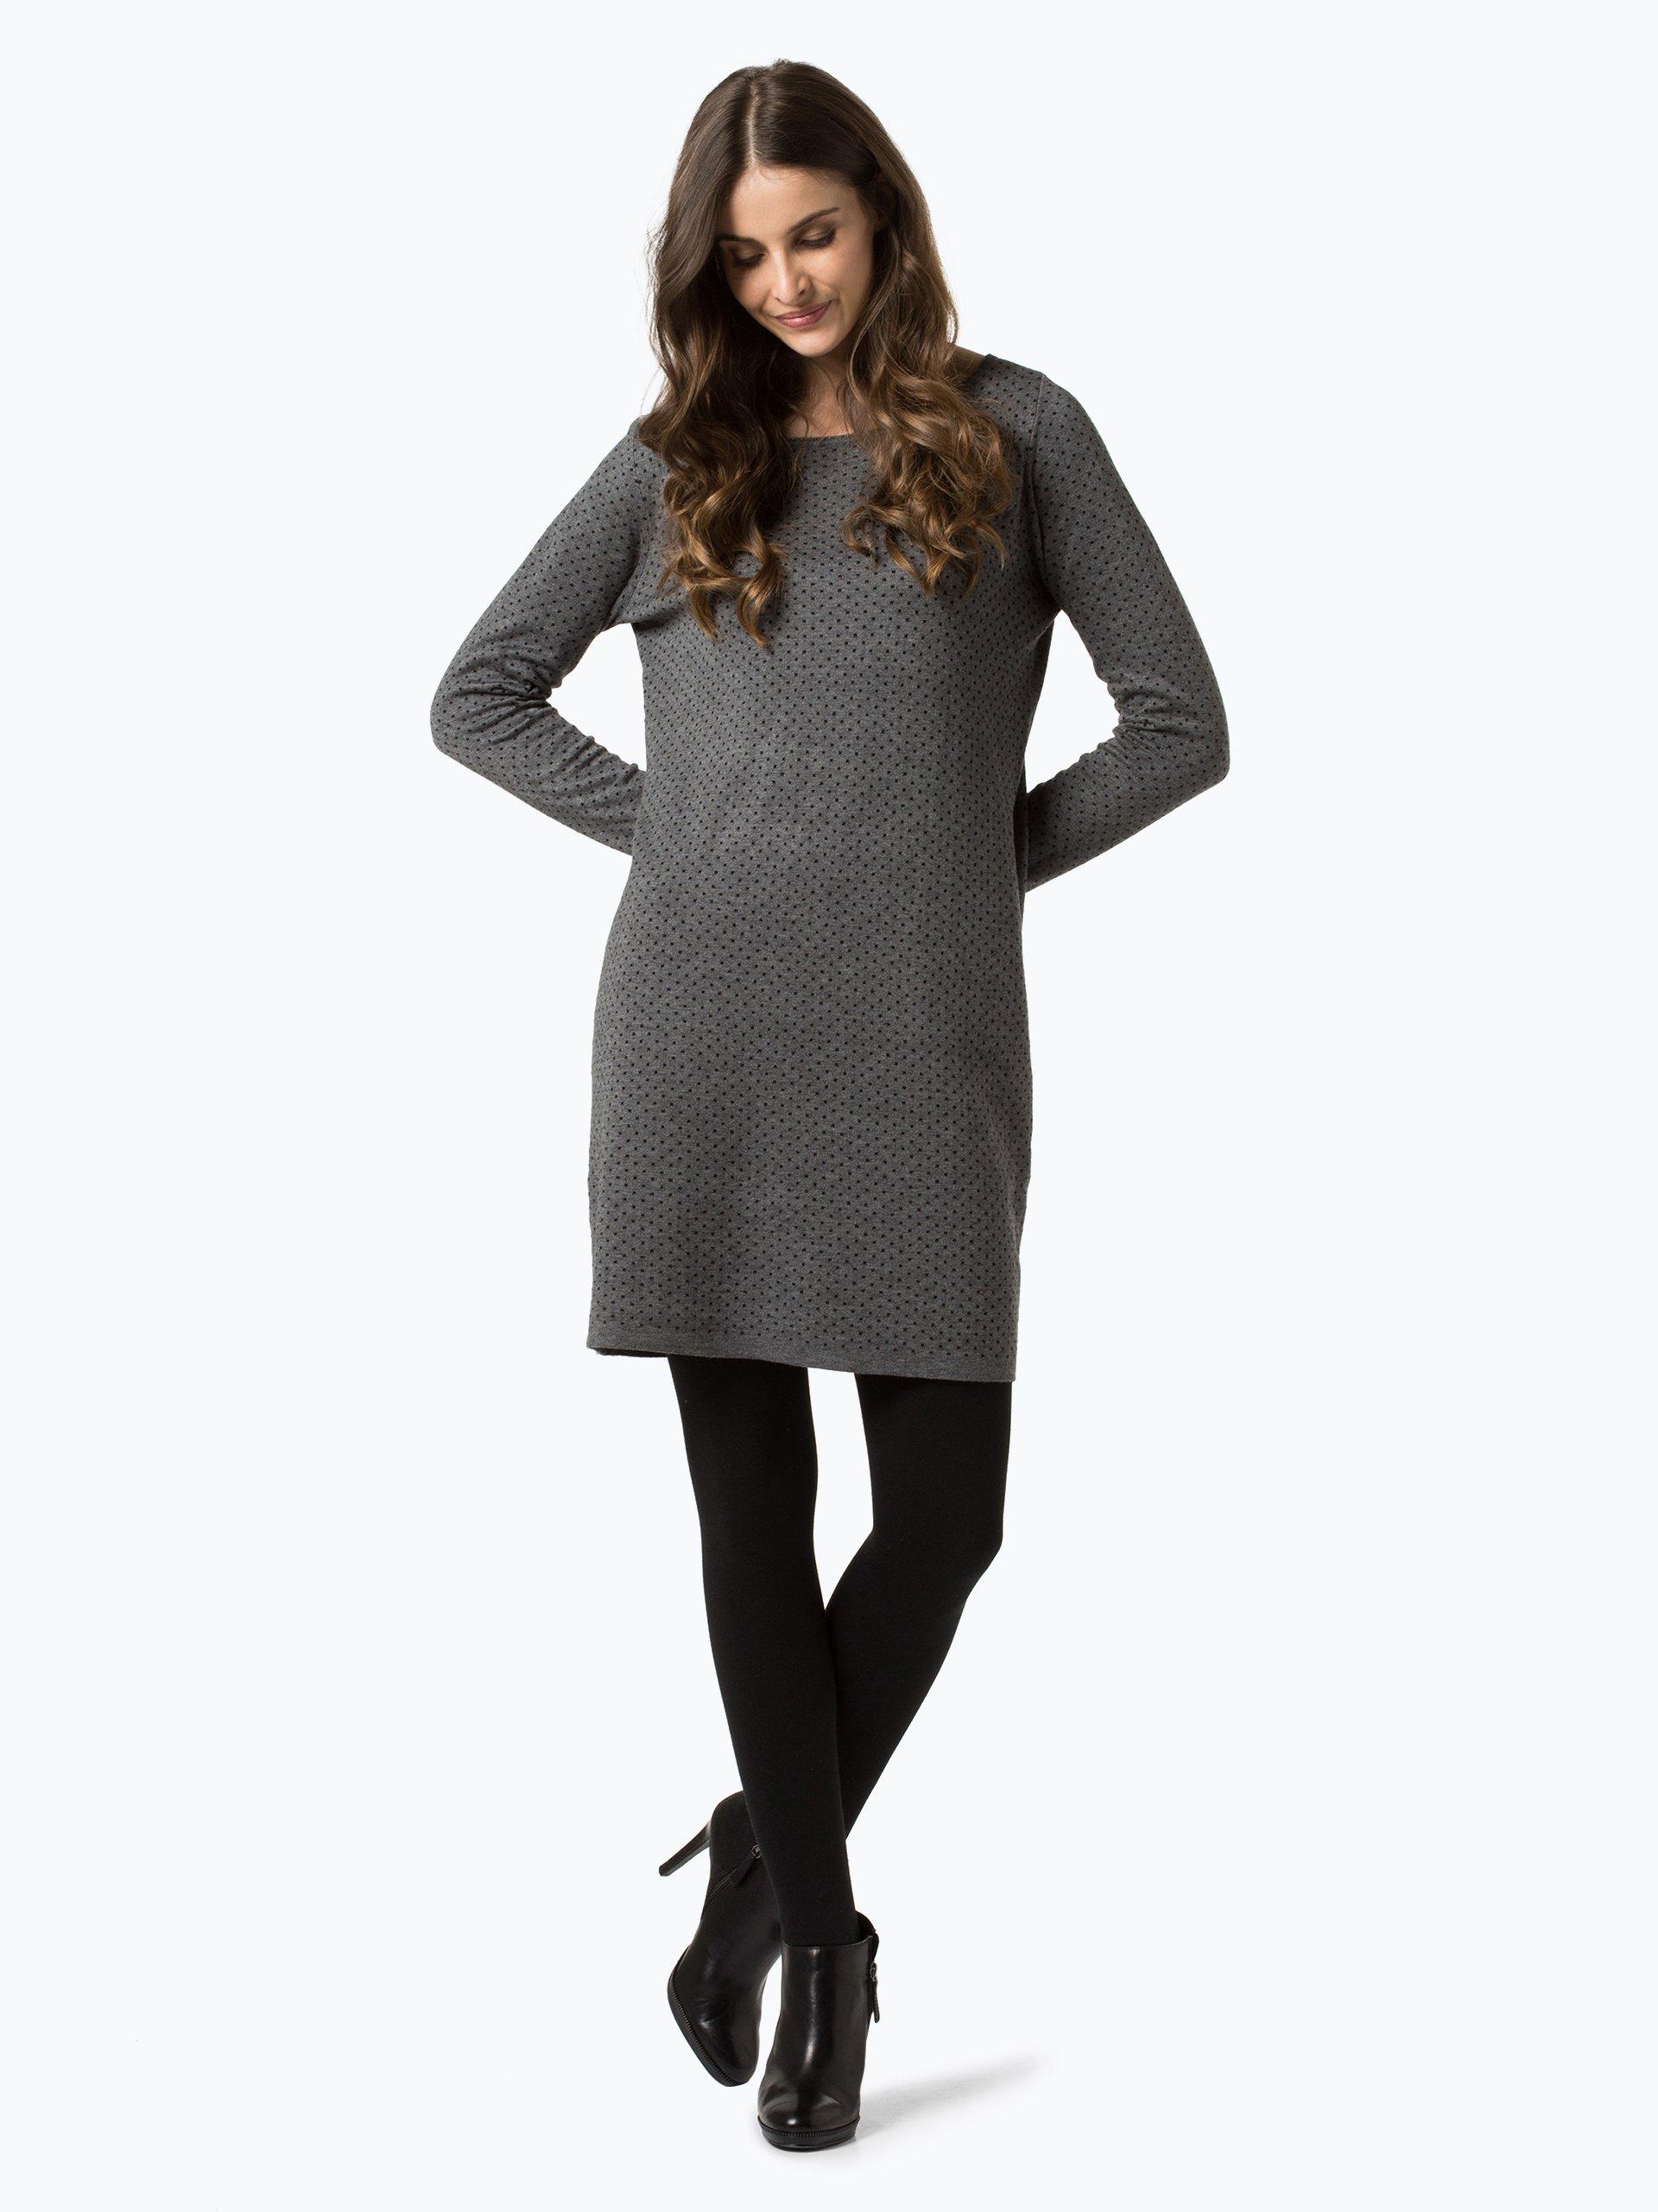 s oliver casual damen kleid anthrazit gepunktet online kaufen vangraaf com. Black Bedroom Furniture Sets. Home Design Ideas